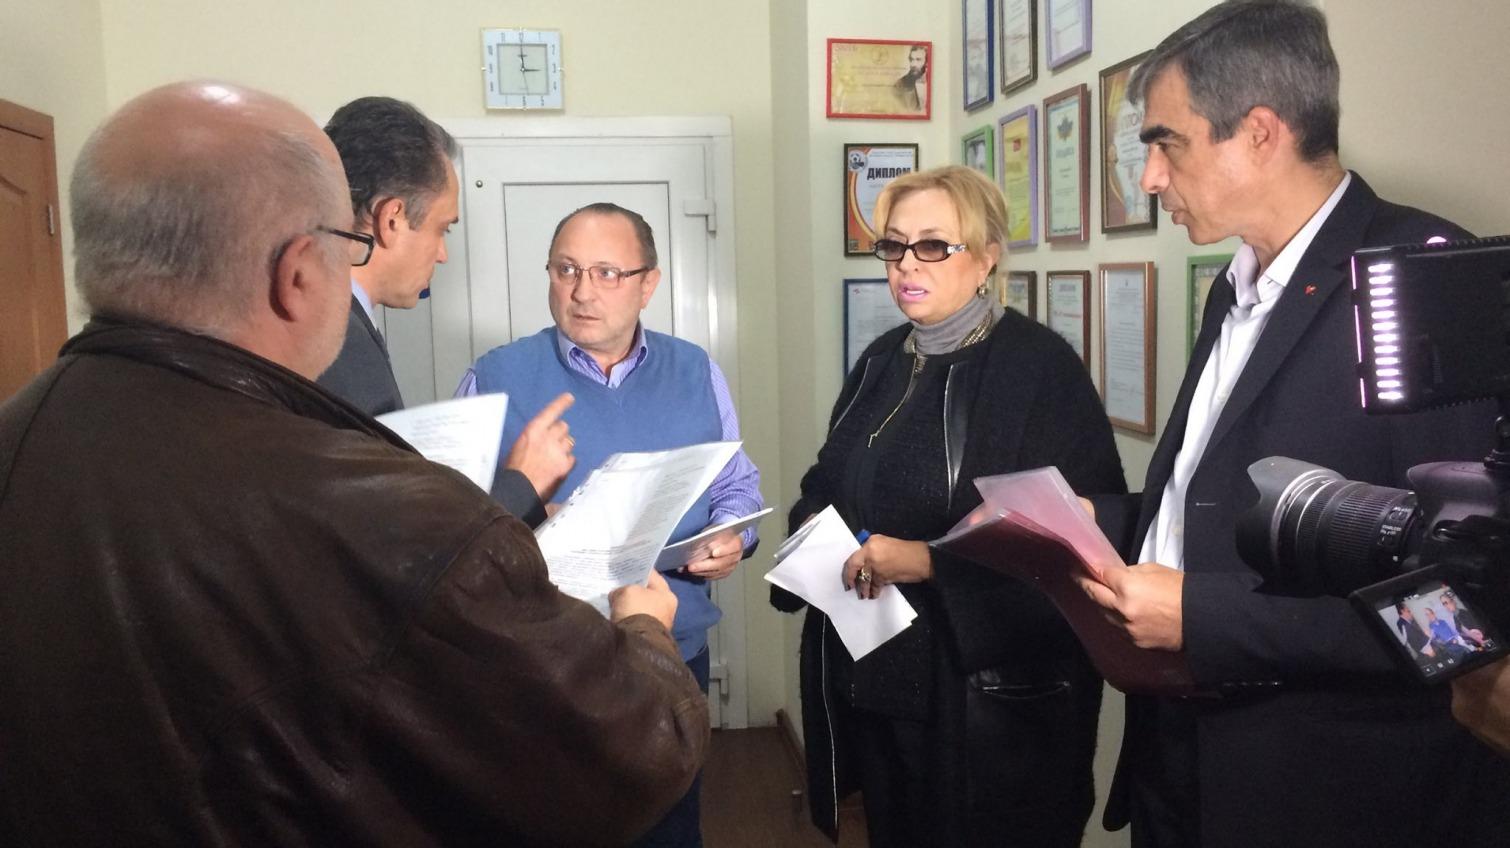 Кужель хочет подвести Саакашвили под статью? «фото»